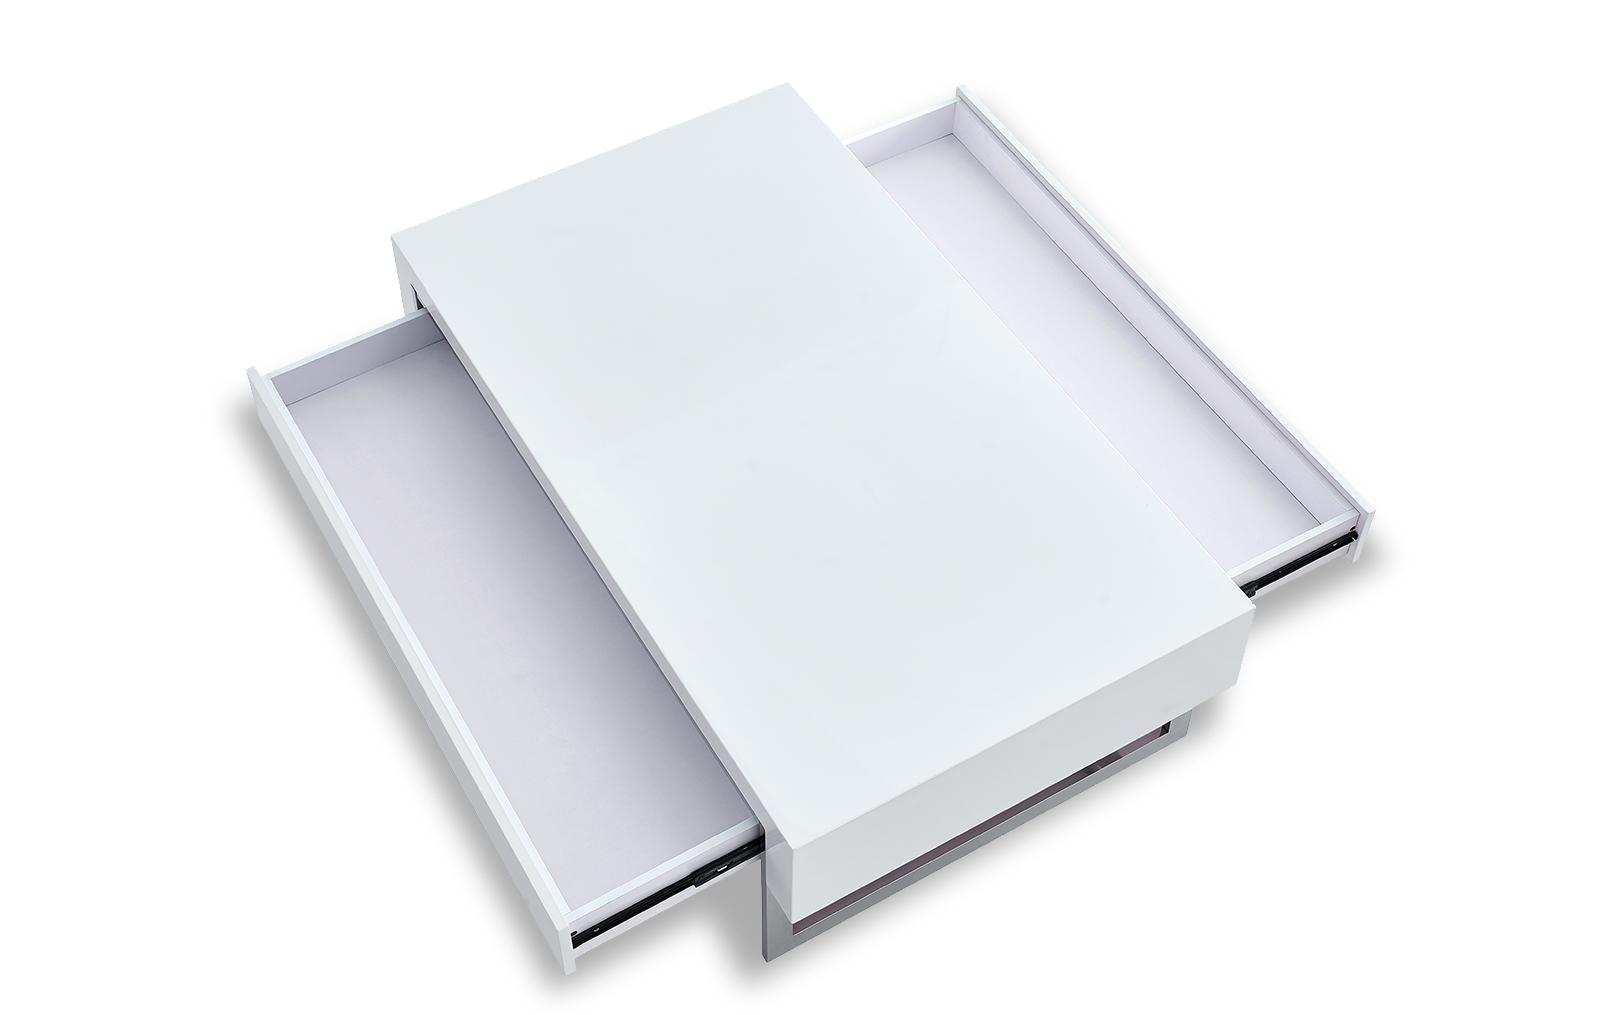 Стол журнальный CT-140 белый в разложенном состоянии